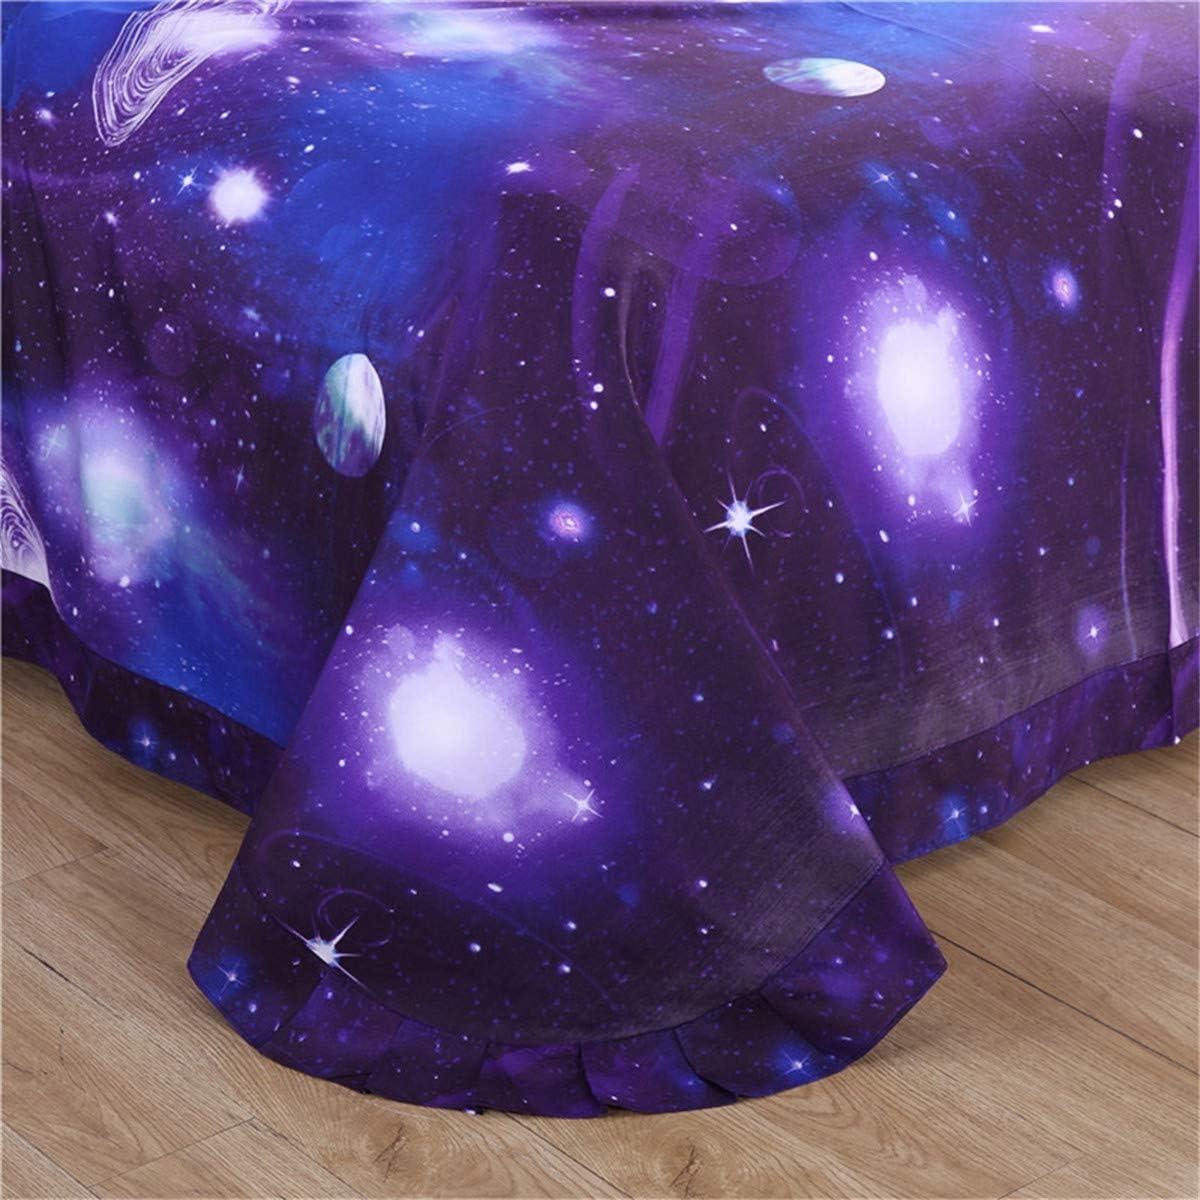 WONGS BEDDING 3D Galaxy Housse de Couette avec taies doreiller avec Housse de Couette Parure de lit pour Adultes et Adolescents Sigle Taille 135 200cm